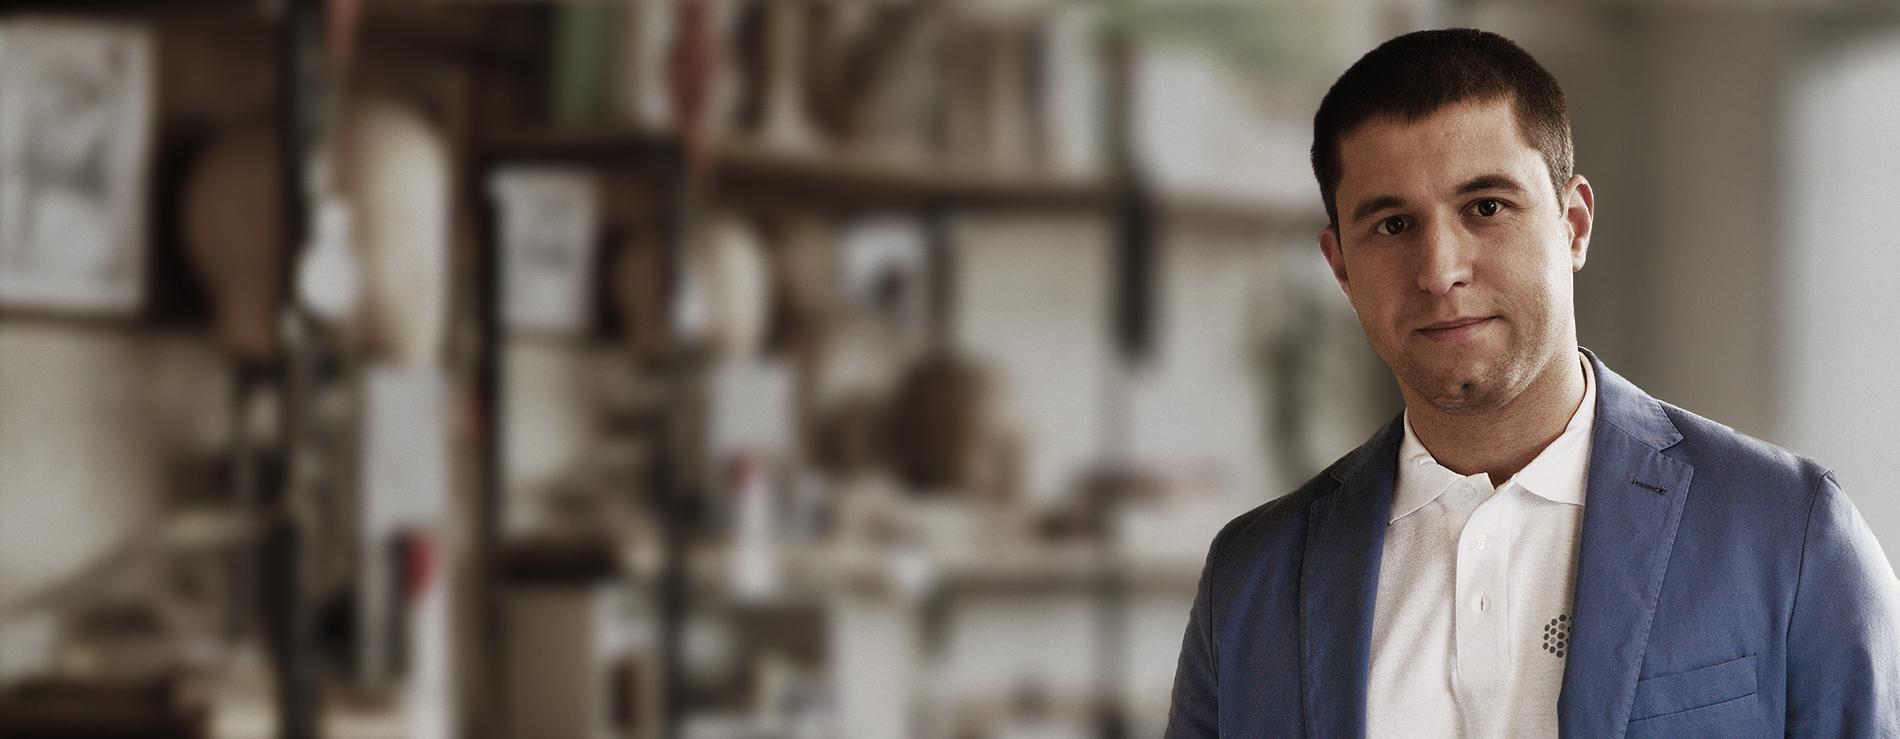 Сергей Петров, автор на проекта и съосновател на Bee Smart Technologies. Сн. The Venture.